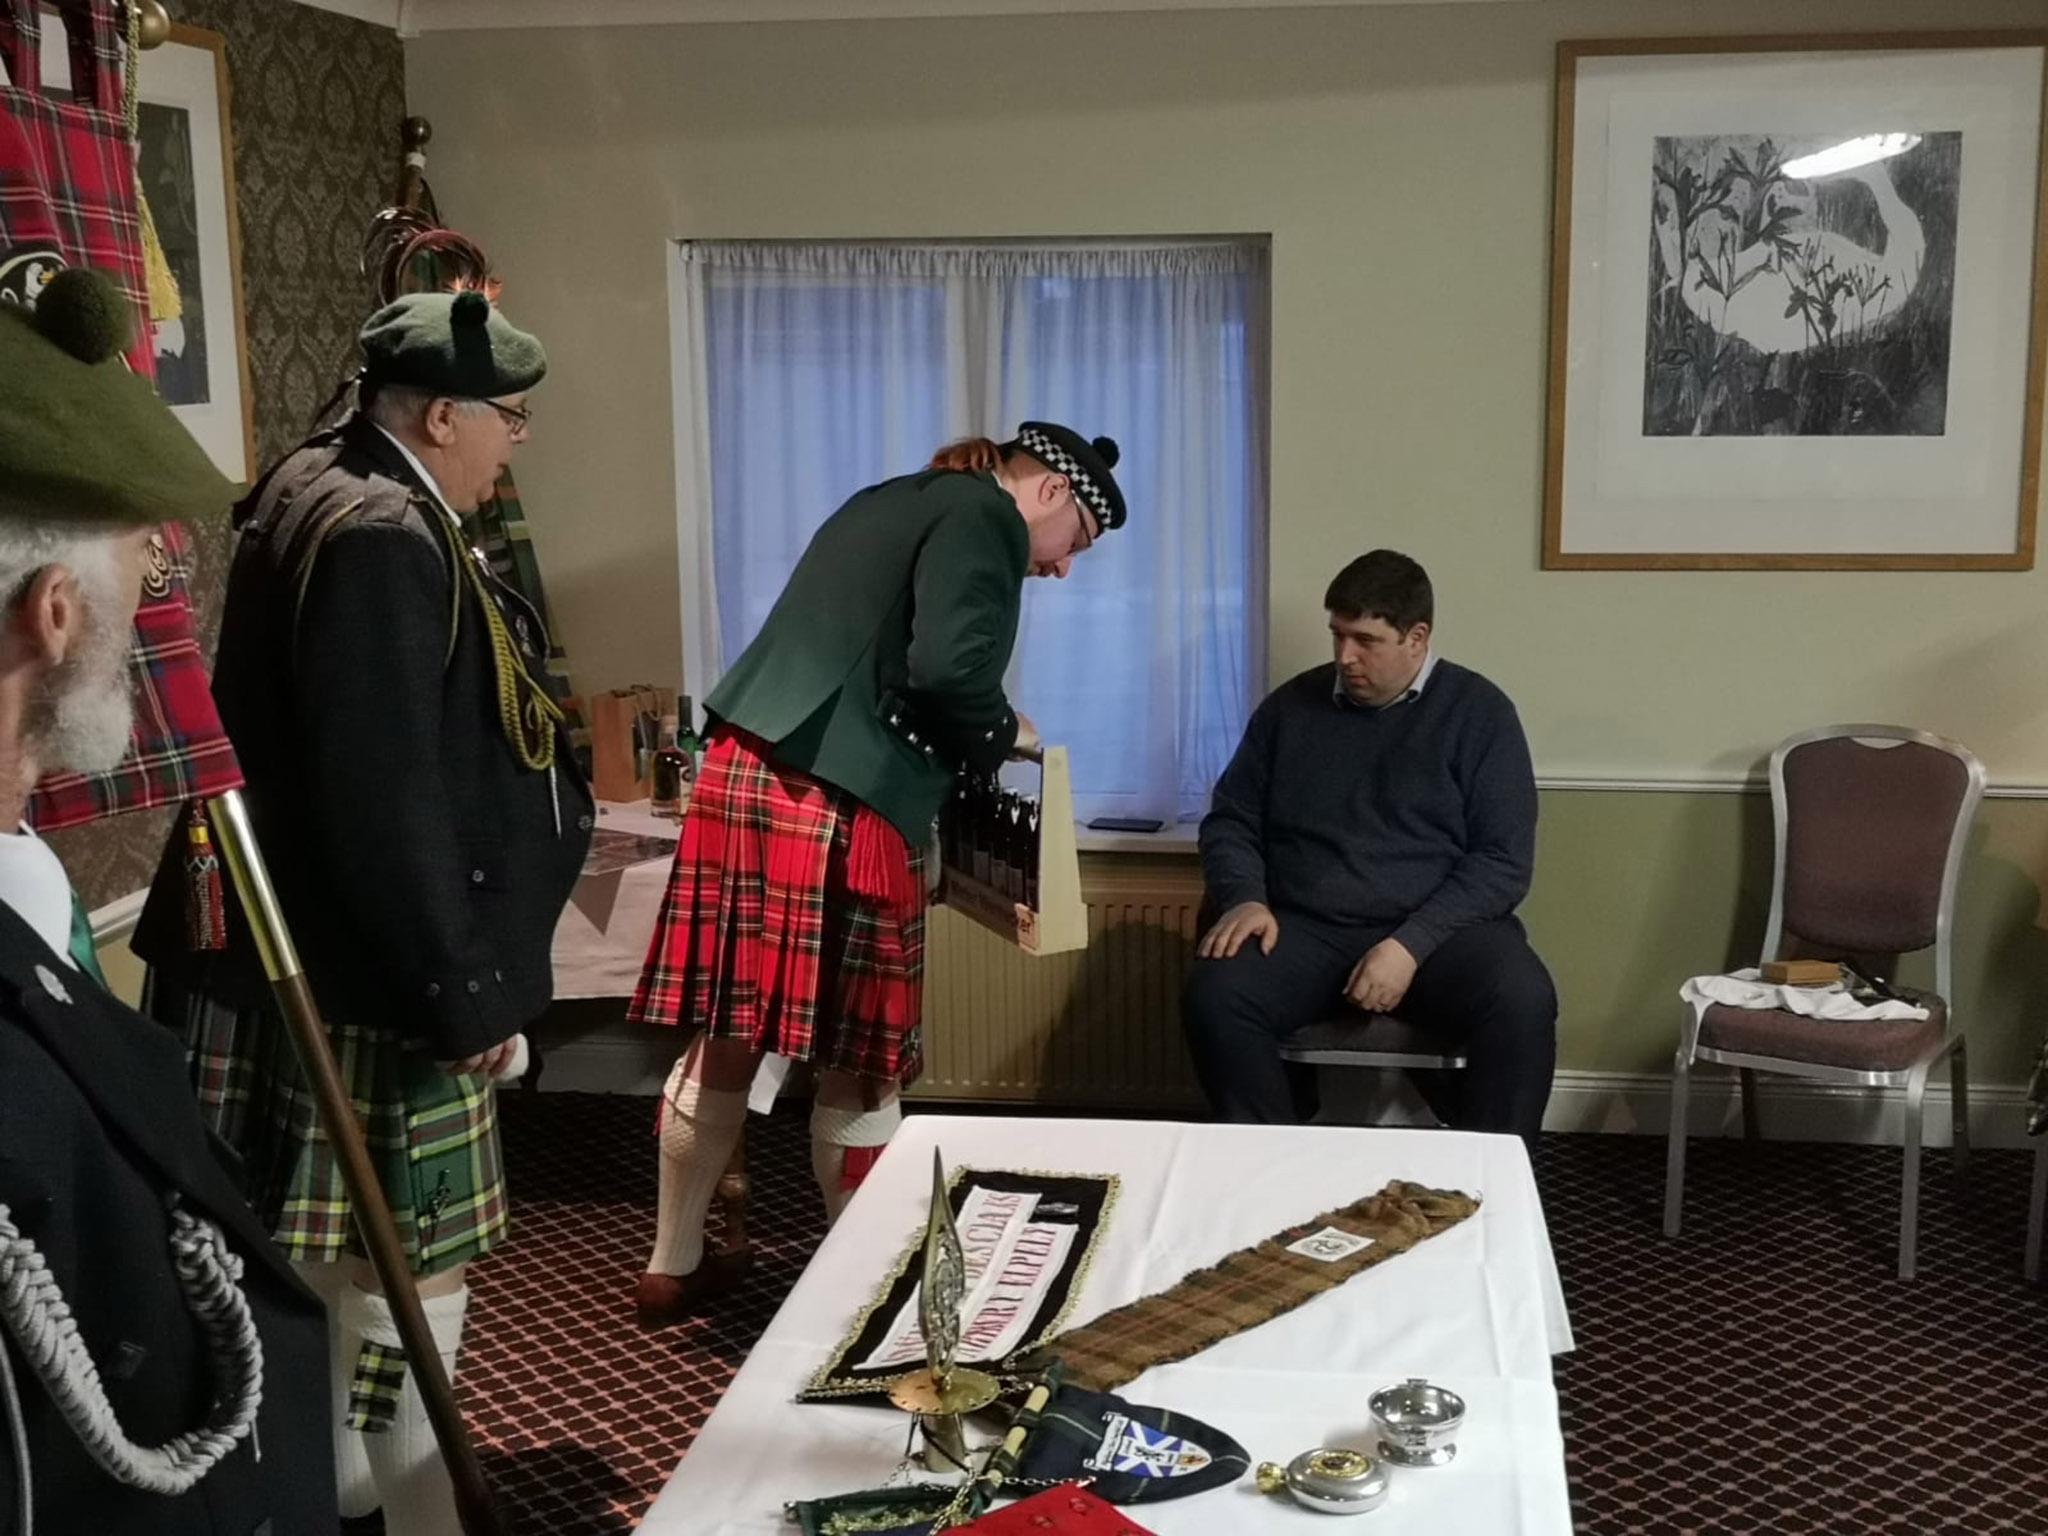 Der Clan McEL aus Waigholshausen zu Besuch beim Bürgermeister von Killarney. Foto: Clan McEL